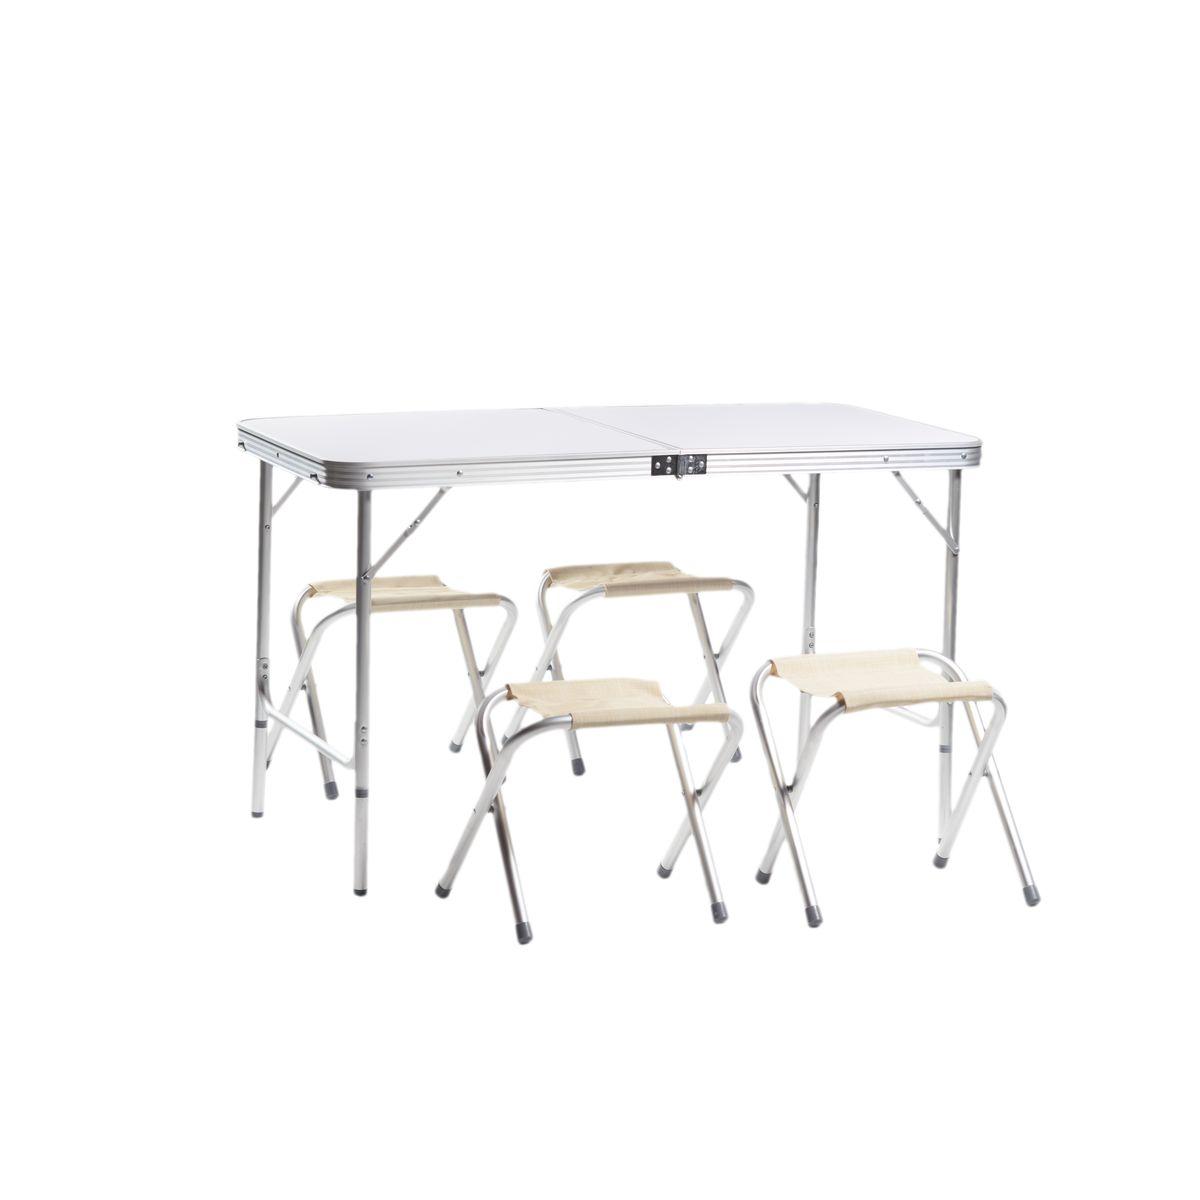 Набор мебели для пикника Green Glade М5102, 5 предметовМ5102Набор мебели Green Glade М5102 предназначен для создания комфортных условий в туристических походах, охоте, рыбалке и кемпинге. Особенности: Компактная складная конструкция. Прочный алюминиевый каркас 24 мм. Материал столешницы - МДВ. Удобная ручка для переноски. Сложенный стол можно использовать в качестве чемодана для переноски стульев. В комплекте 4 стальных кемпинговых стула. Размер стола: 120 см х 60 см х 70 см. Размер стульев: 29 см х 27 см х 37 см.